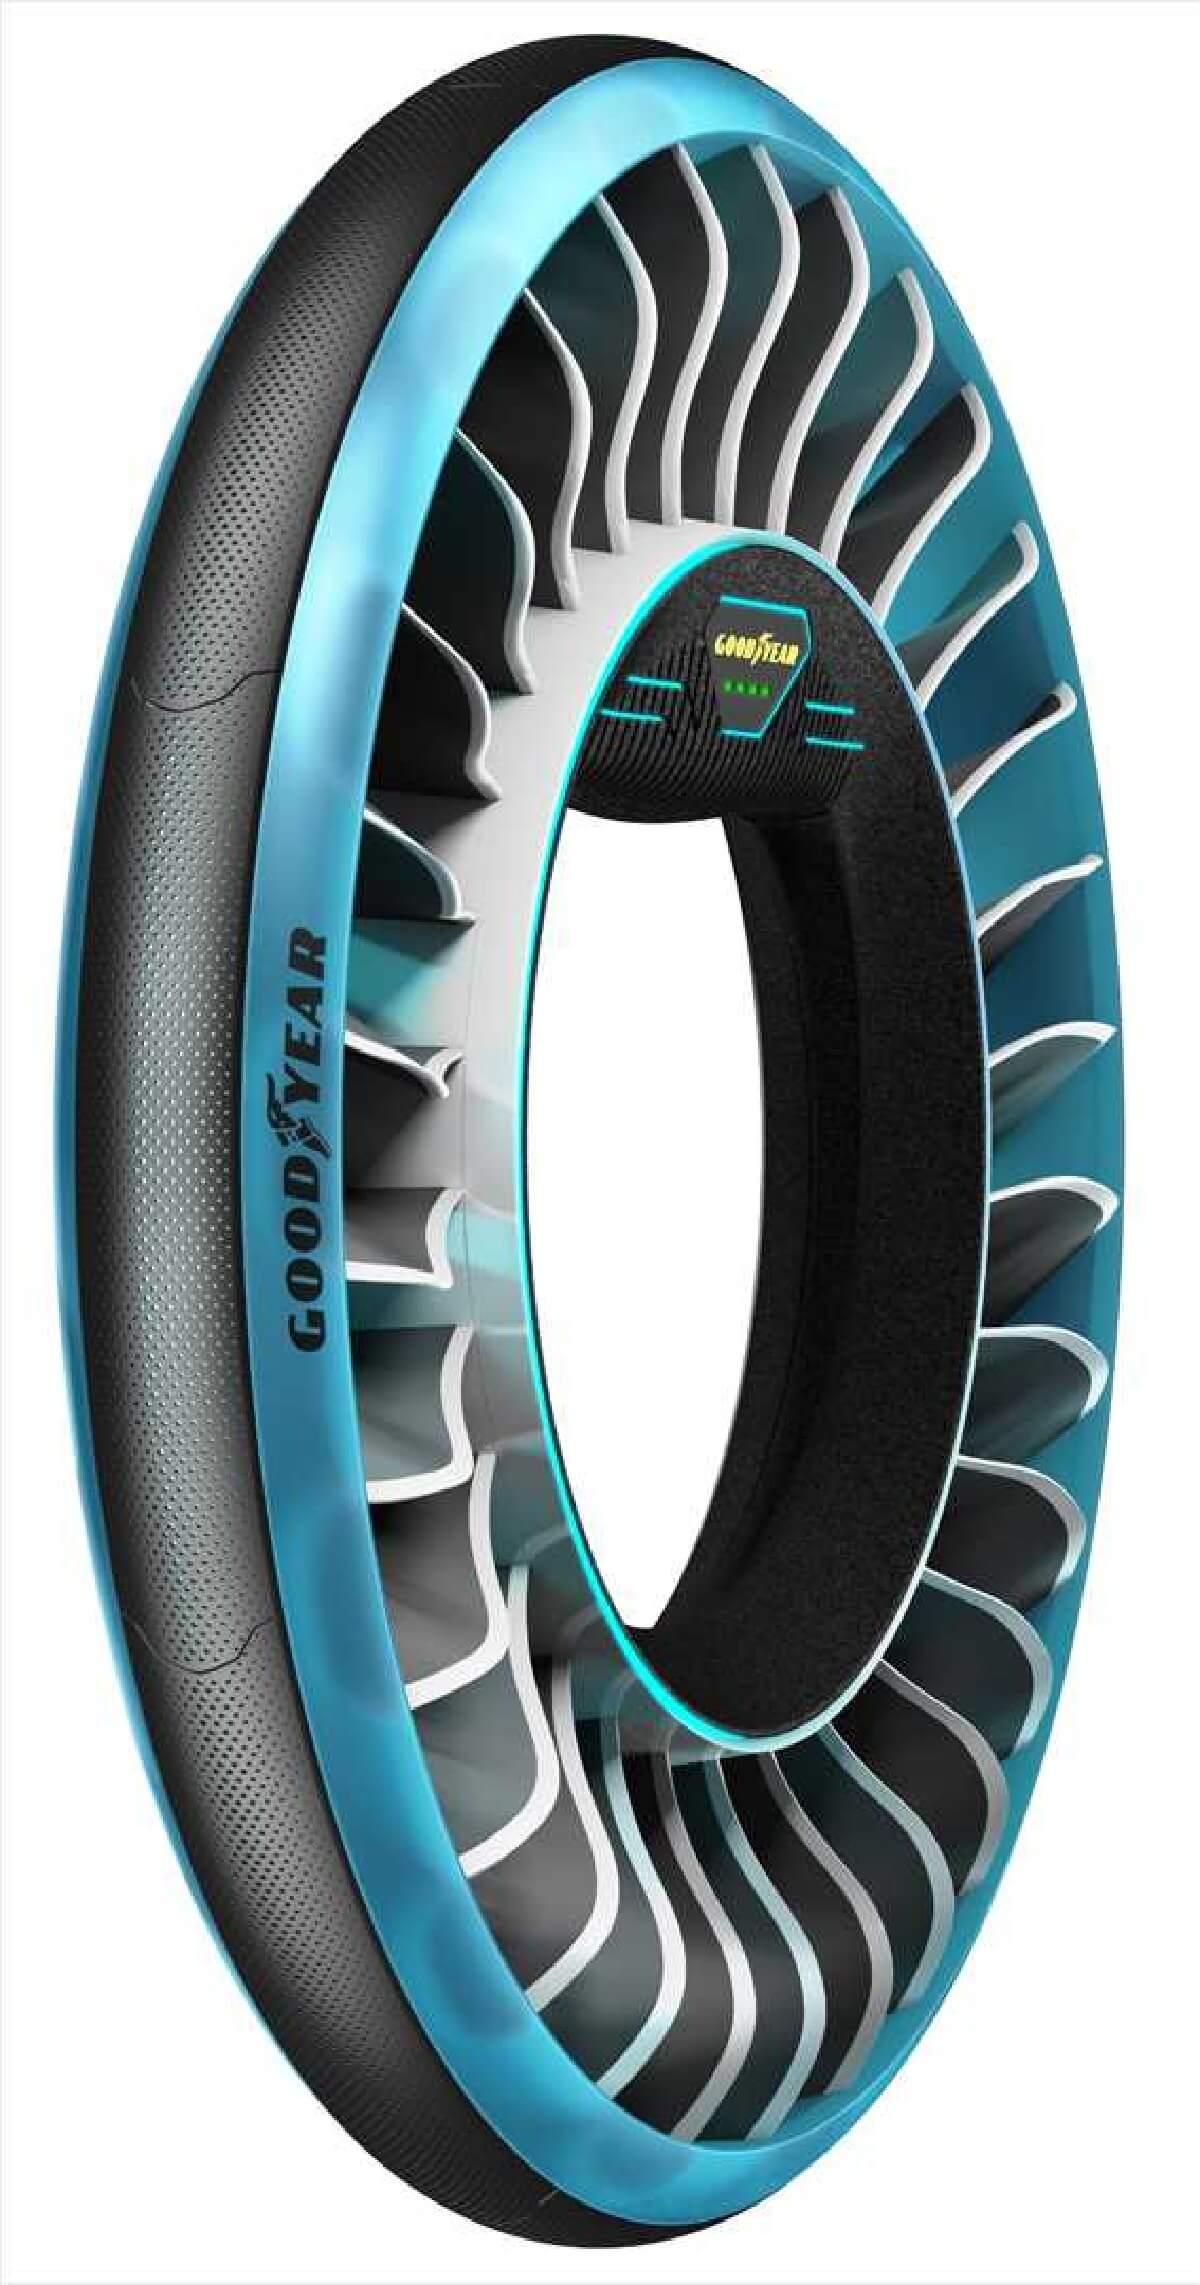 goodyear-aero-tiltrotor-tire-concept-4.jpg